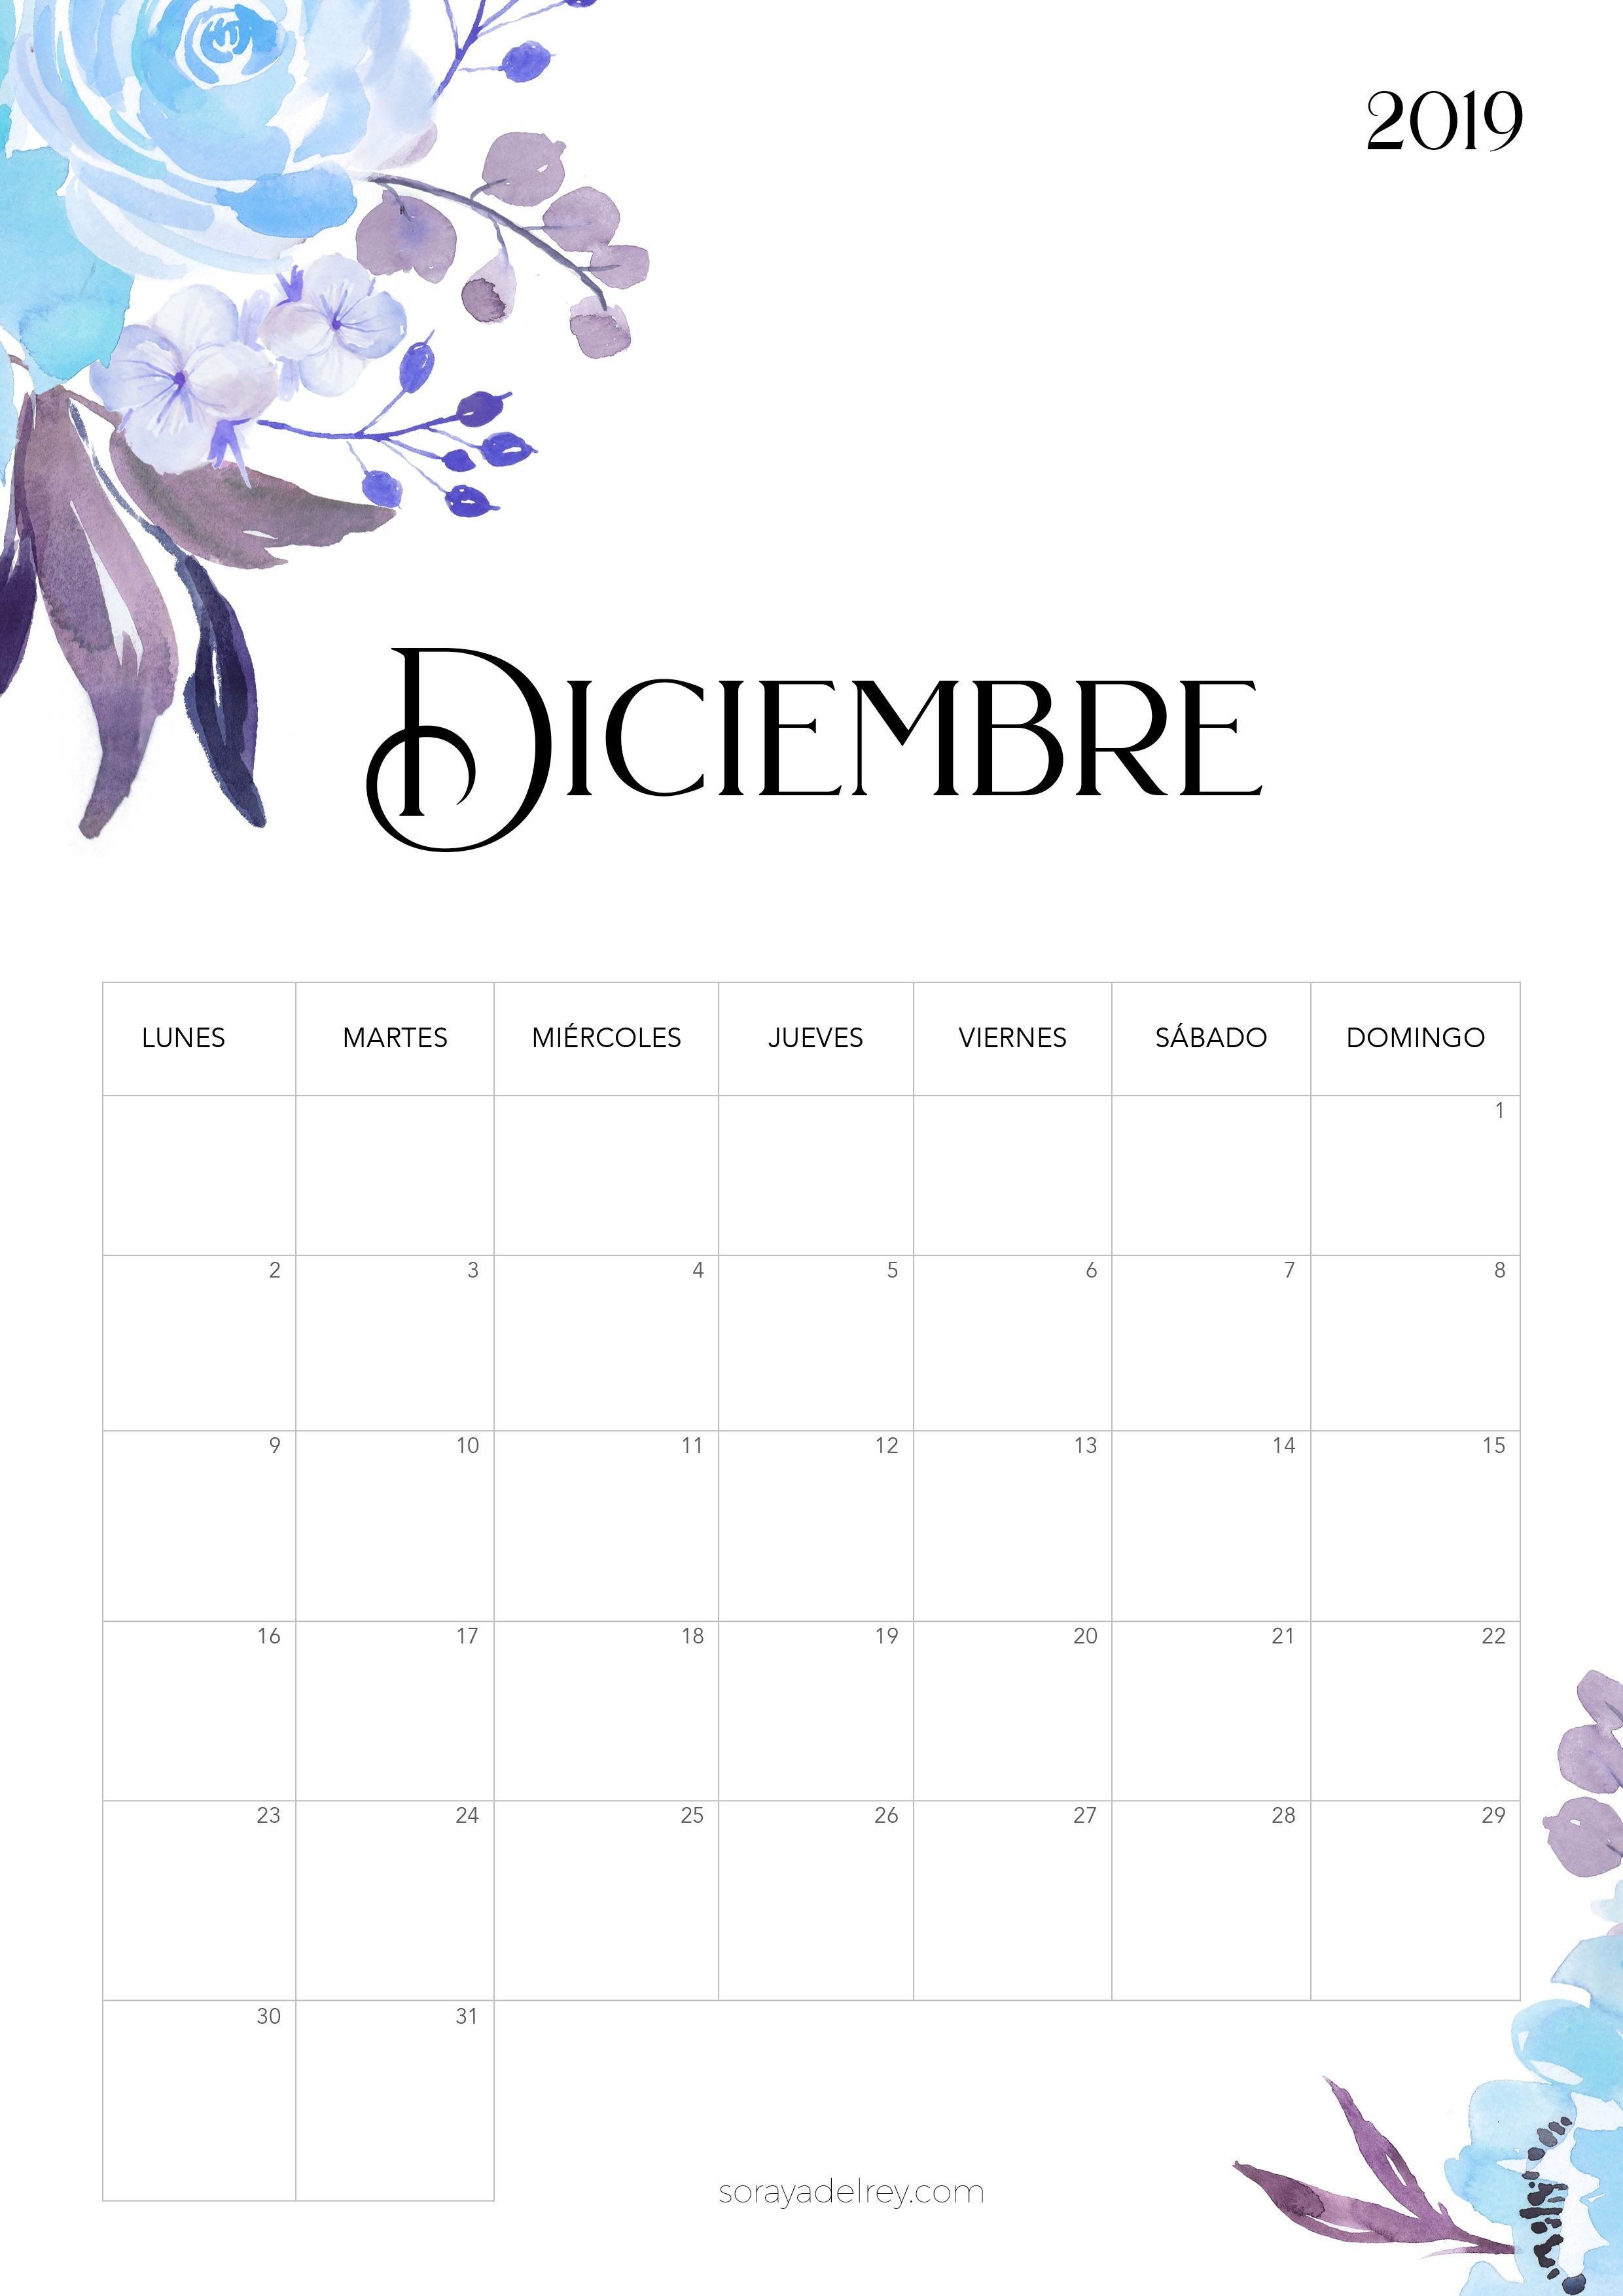 Calendario para imprimir diciembre 2019 freebie calendario calendar diciembre flowers